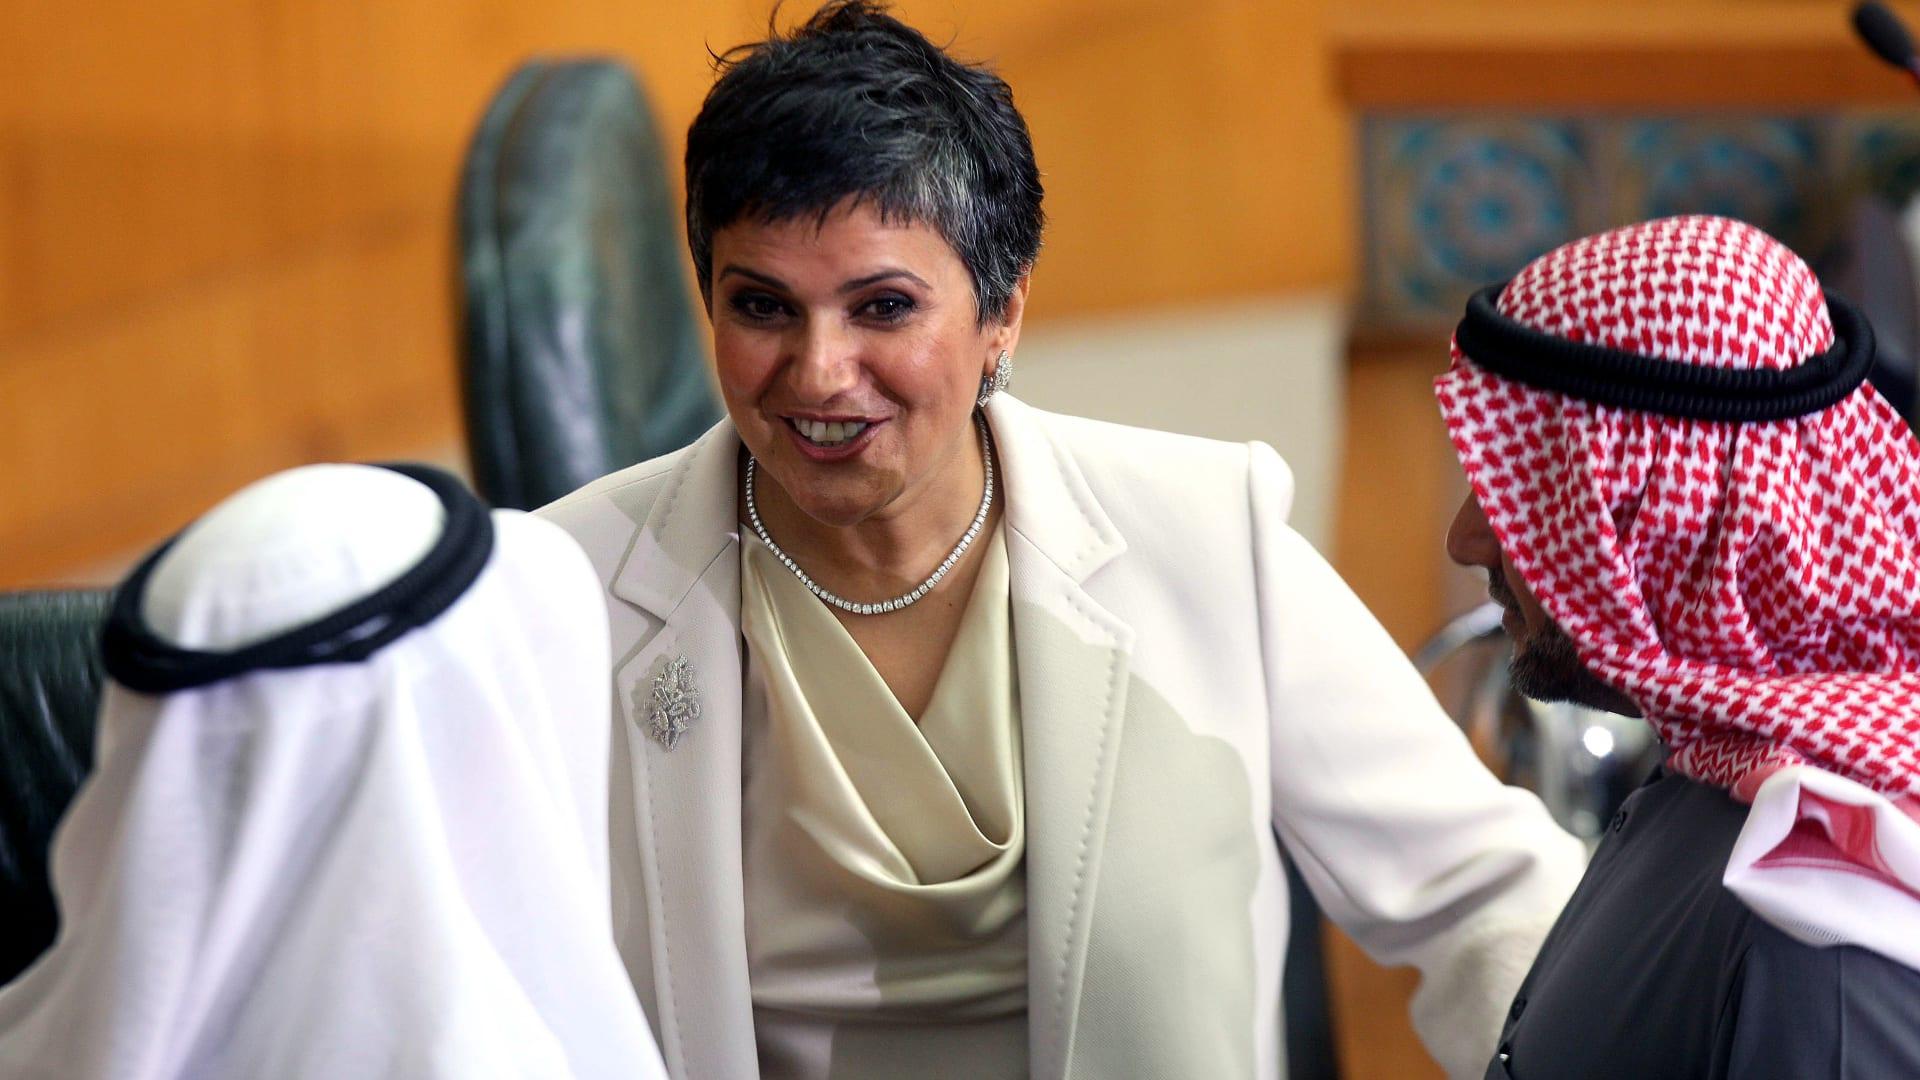 غياب النساء عن مجلس الأمة في الكويت.. وردود فعل على عدم نجاح صفاء الهاشم